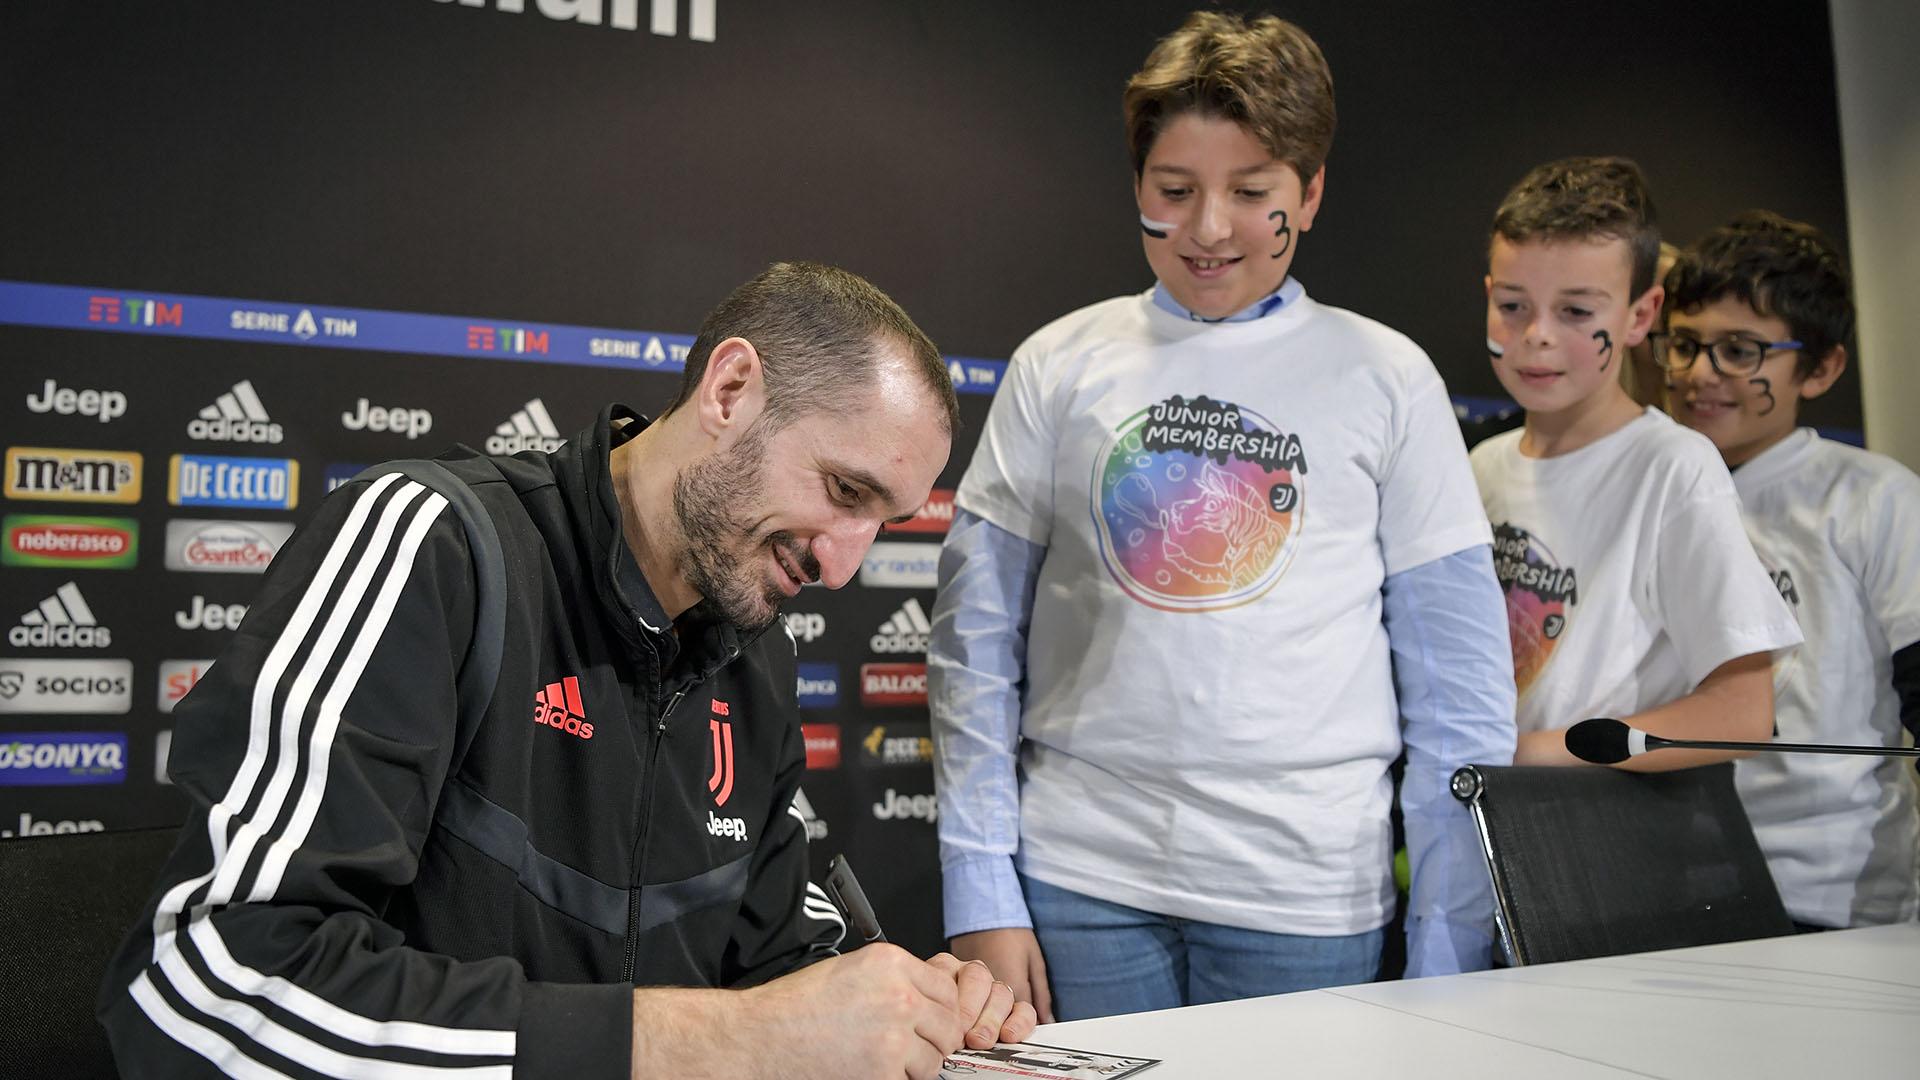 """Ídolo da Juventus, Chiellini confessa: """"Sim, eu era torcedor do Milan"""""""